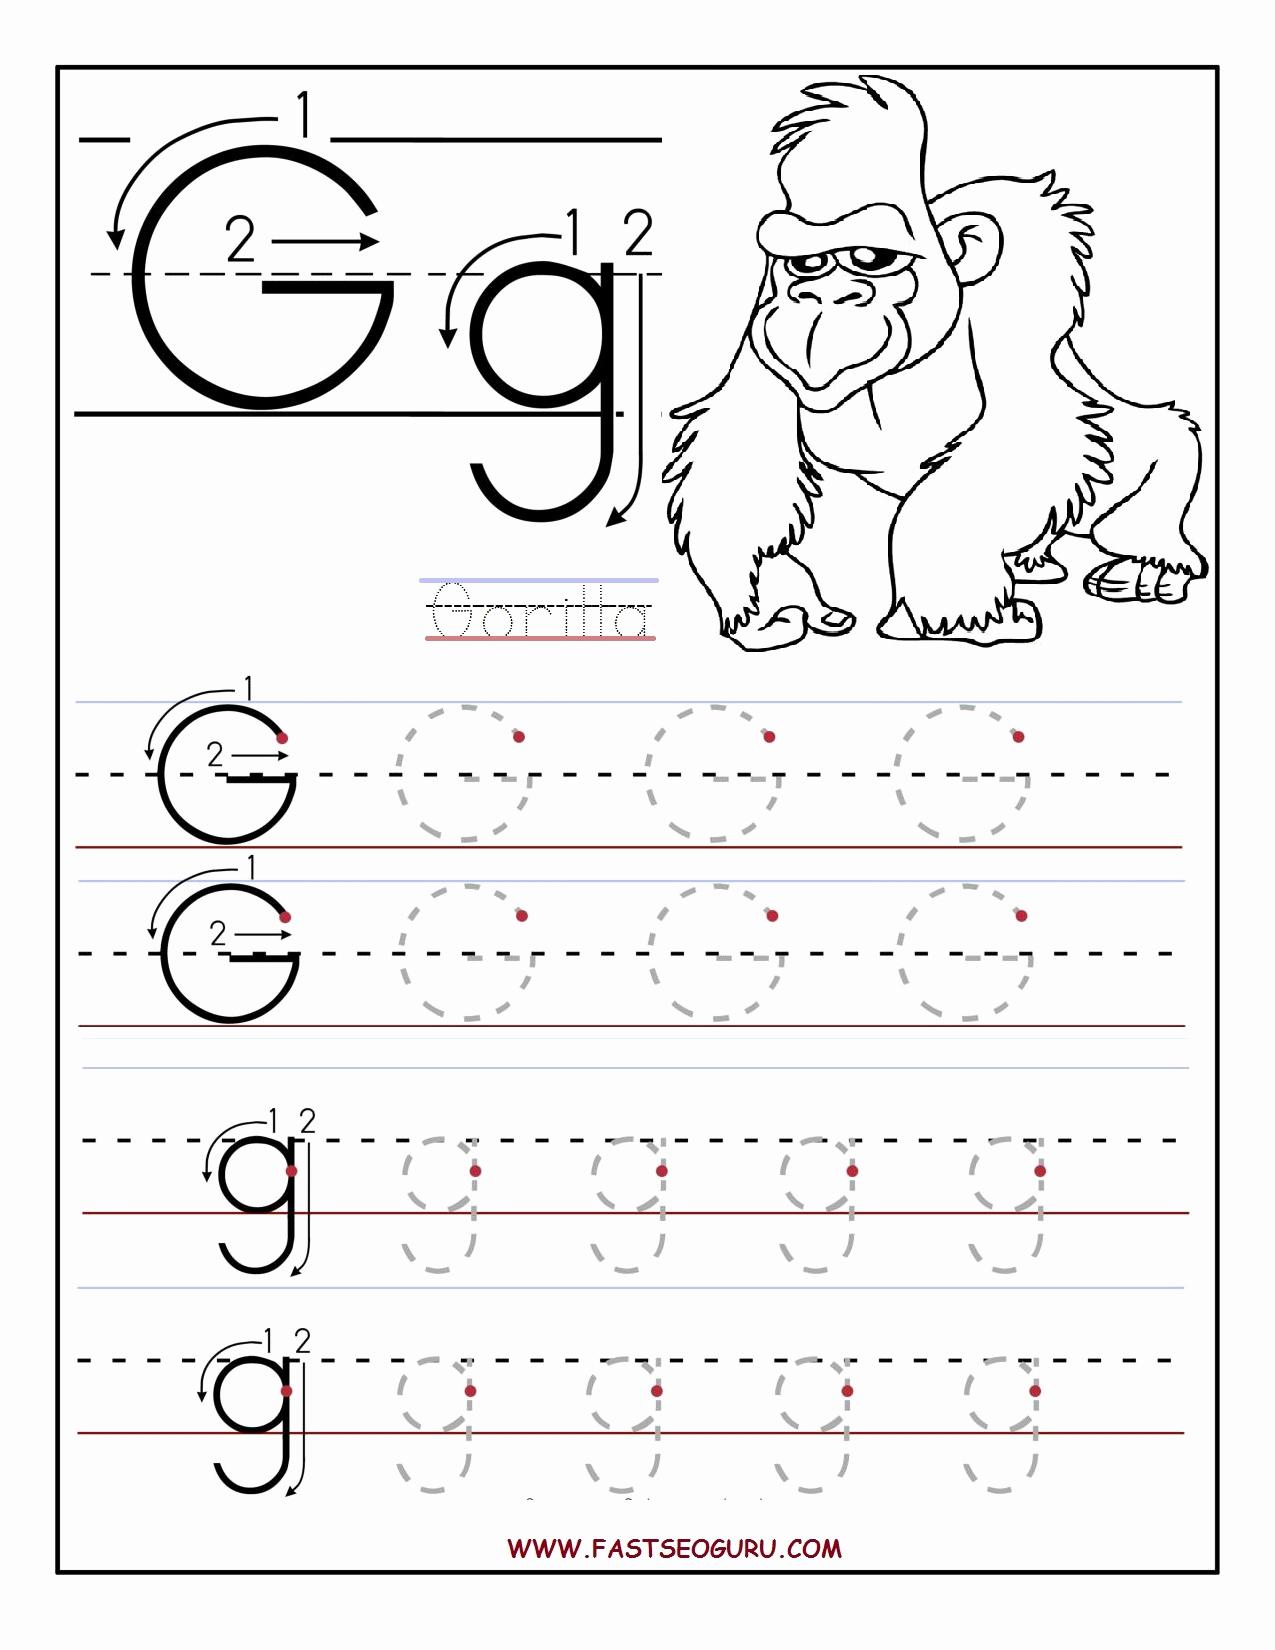 Letter G Worksheets for Kindergarten Luxury Printable Letter G Tracing Worksheets for Preschool